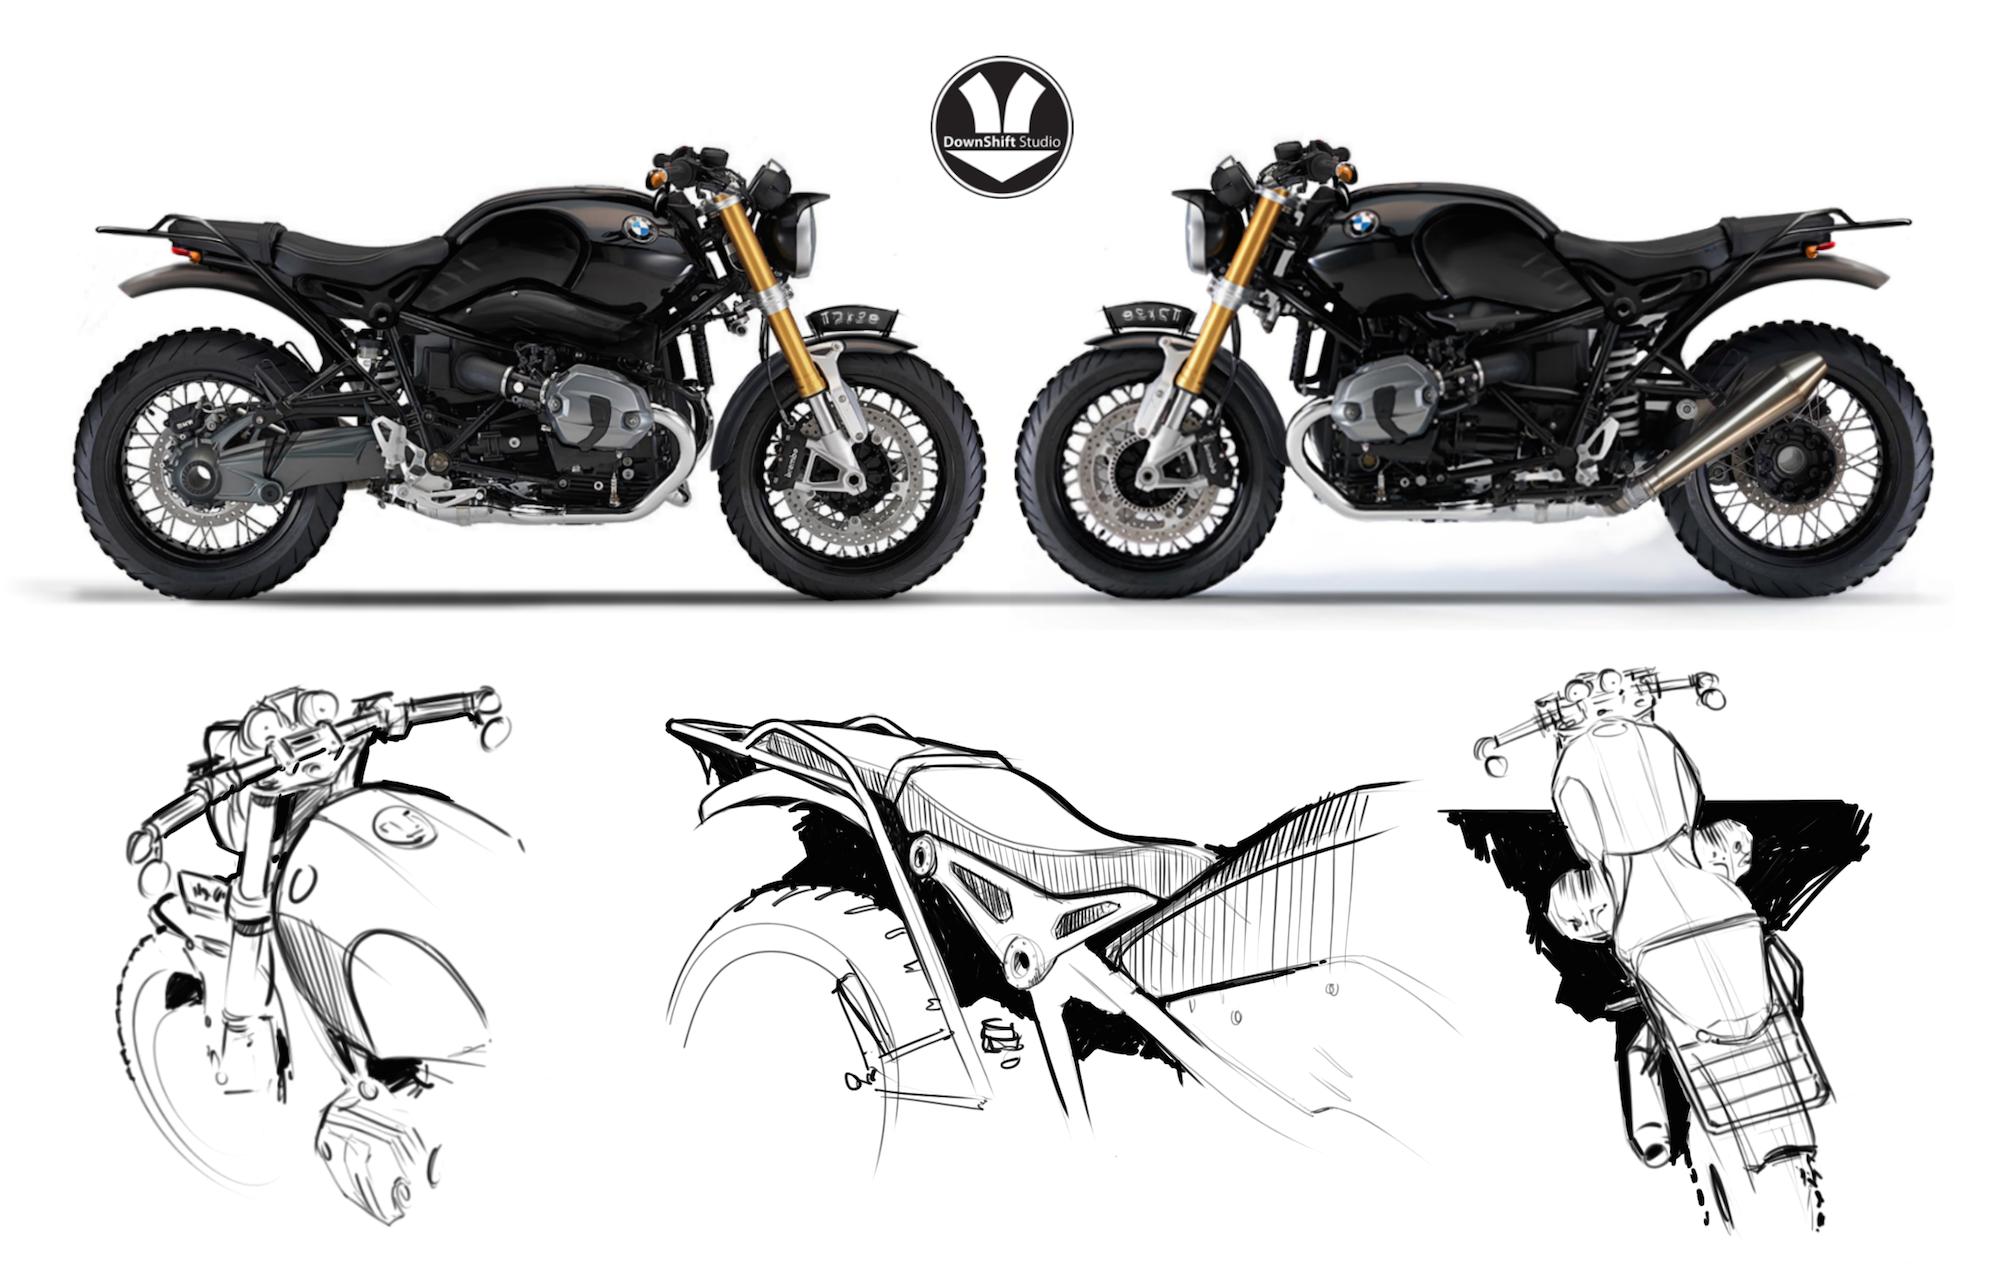 Clint LeaTrea - BMW R9T Concept Sket